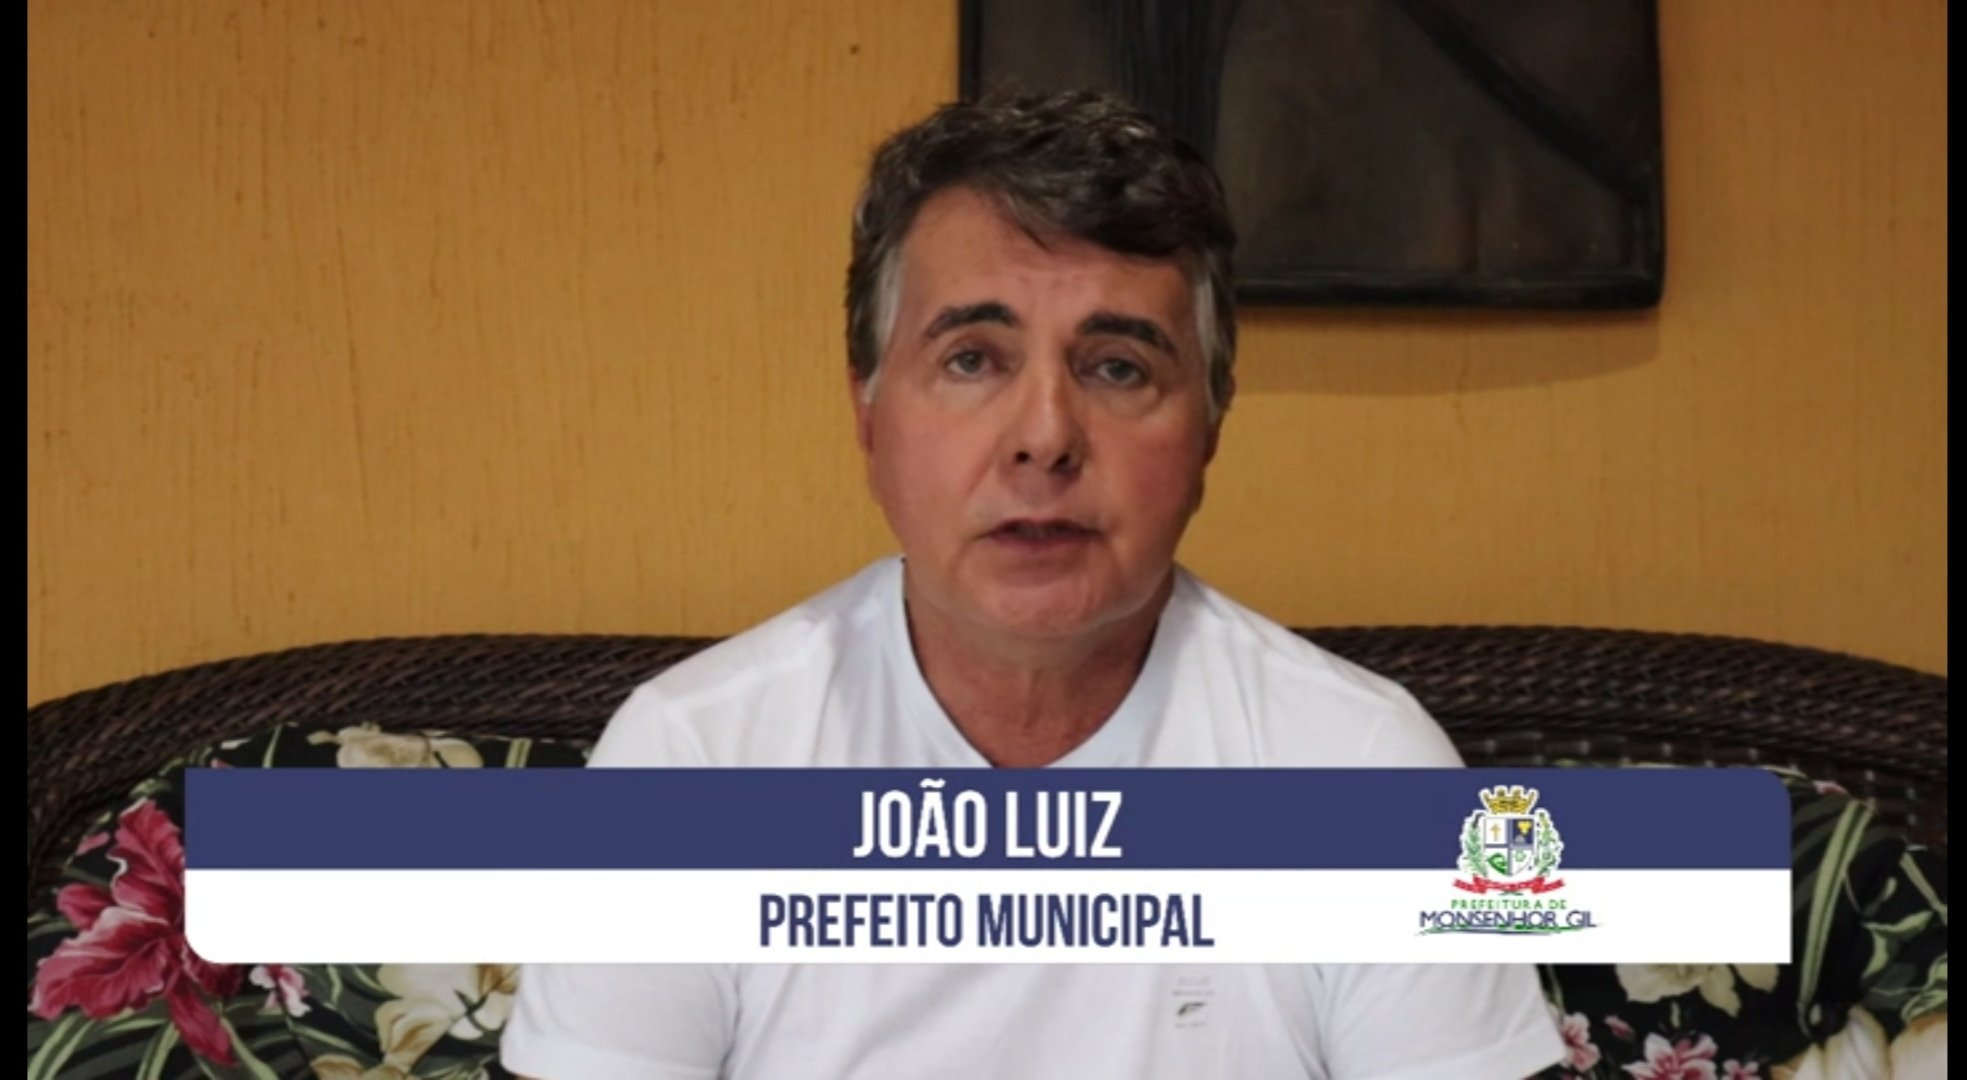 Covid-19 - Prefeito João Luiz grava mensagem e faz apelo e um alerta para população - Imagem 1